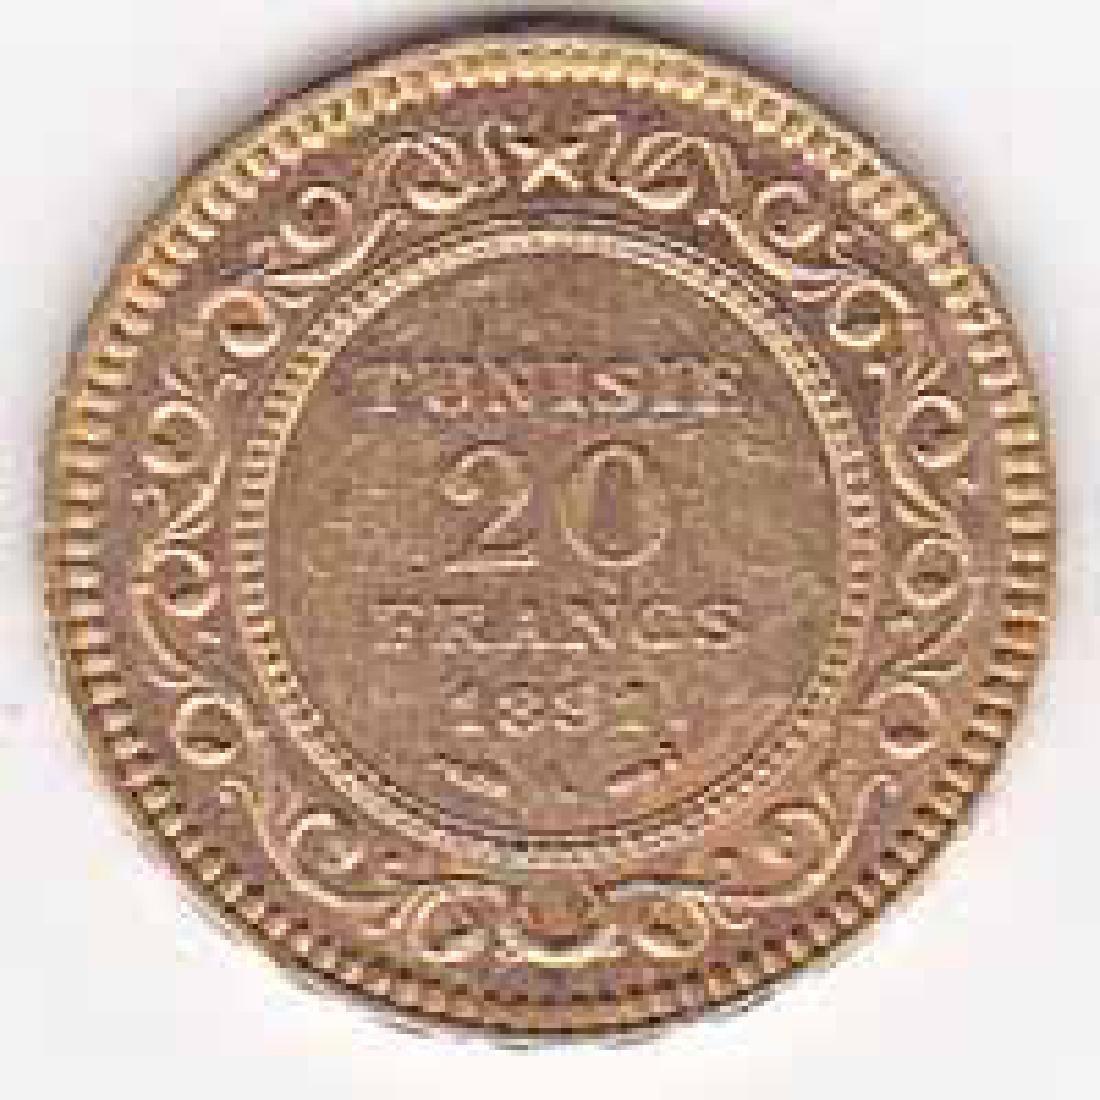 Tunisia 20 francs gold 1891-1902